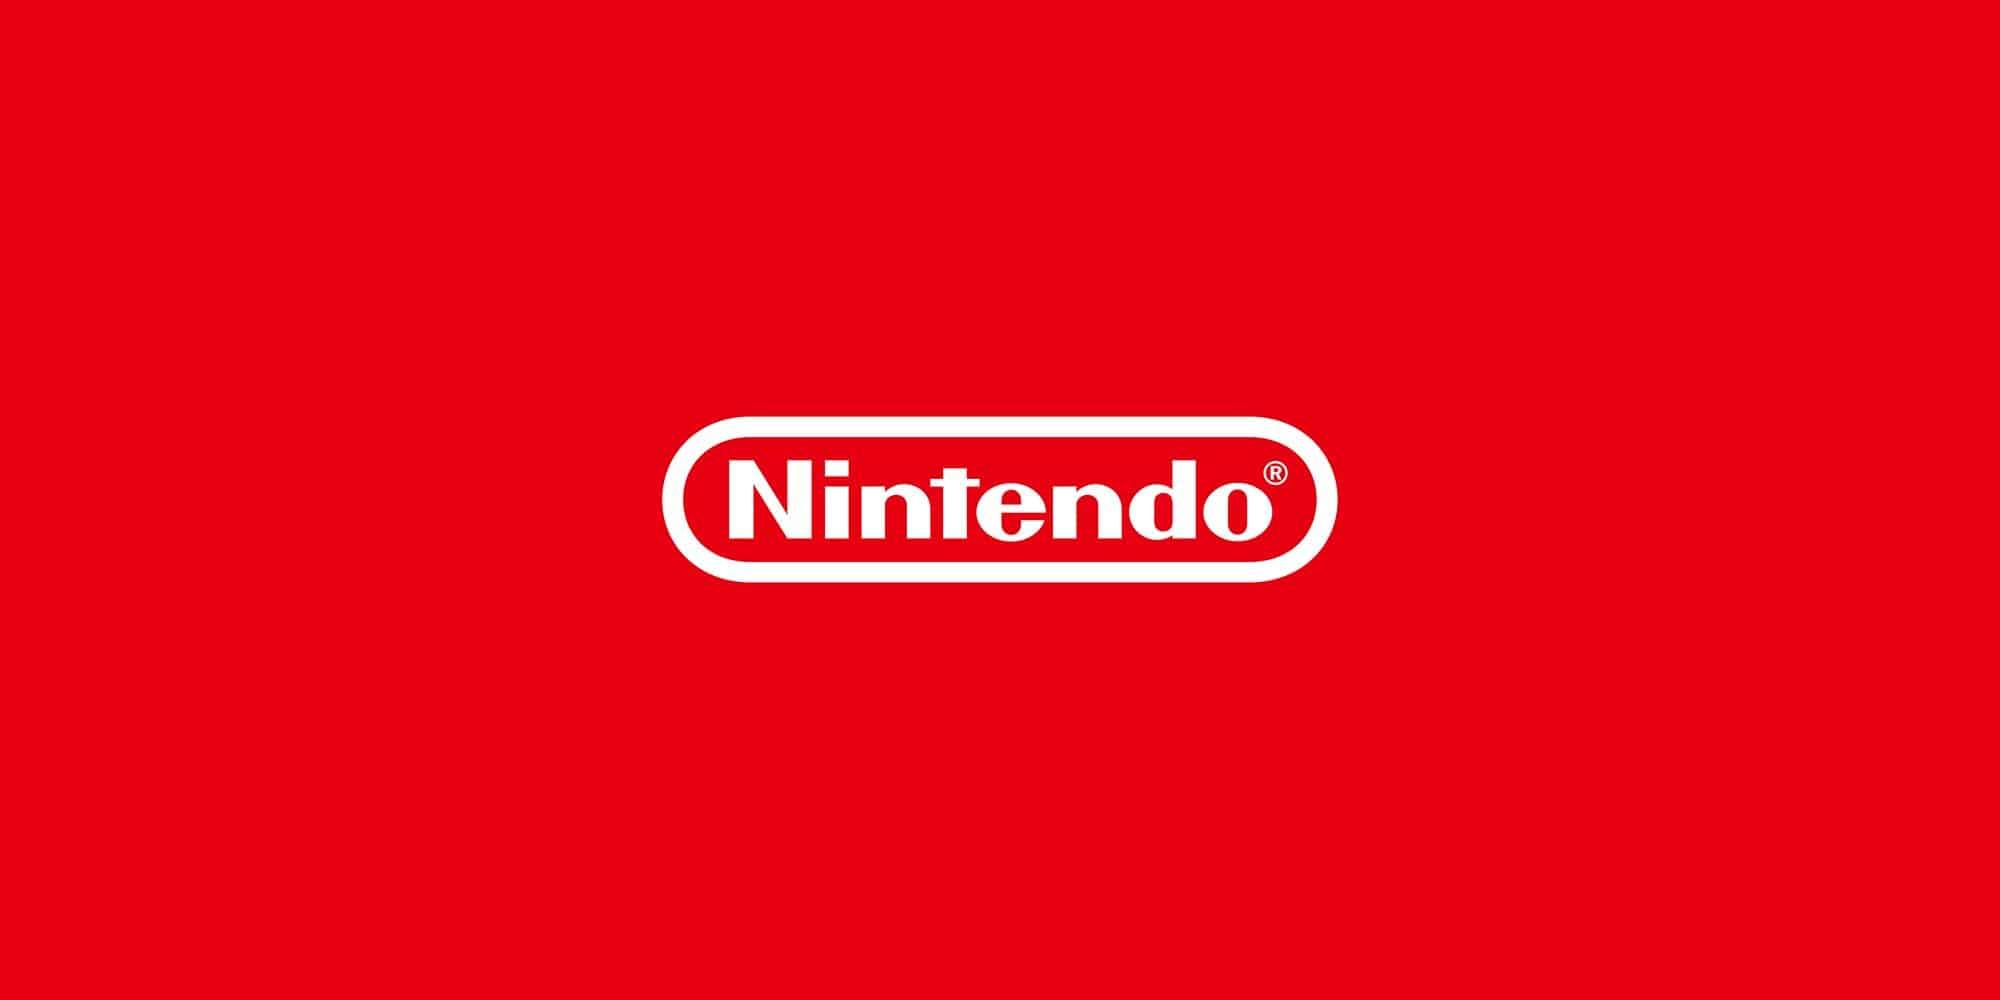 Nintendo prévoit de publier 2 à 3 jeux mobiles par an